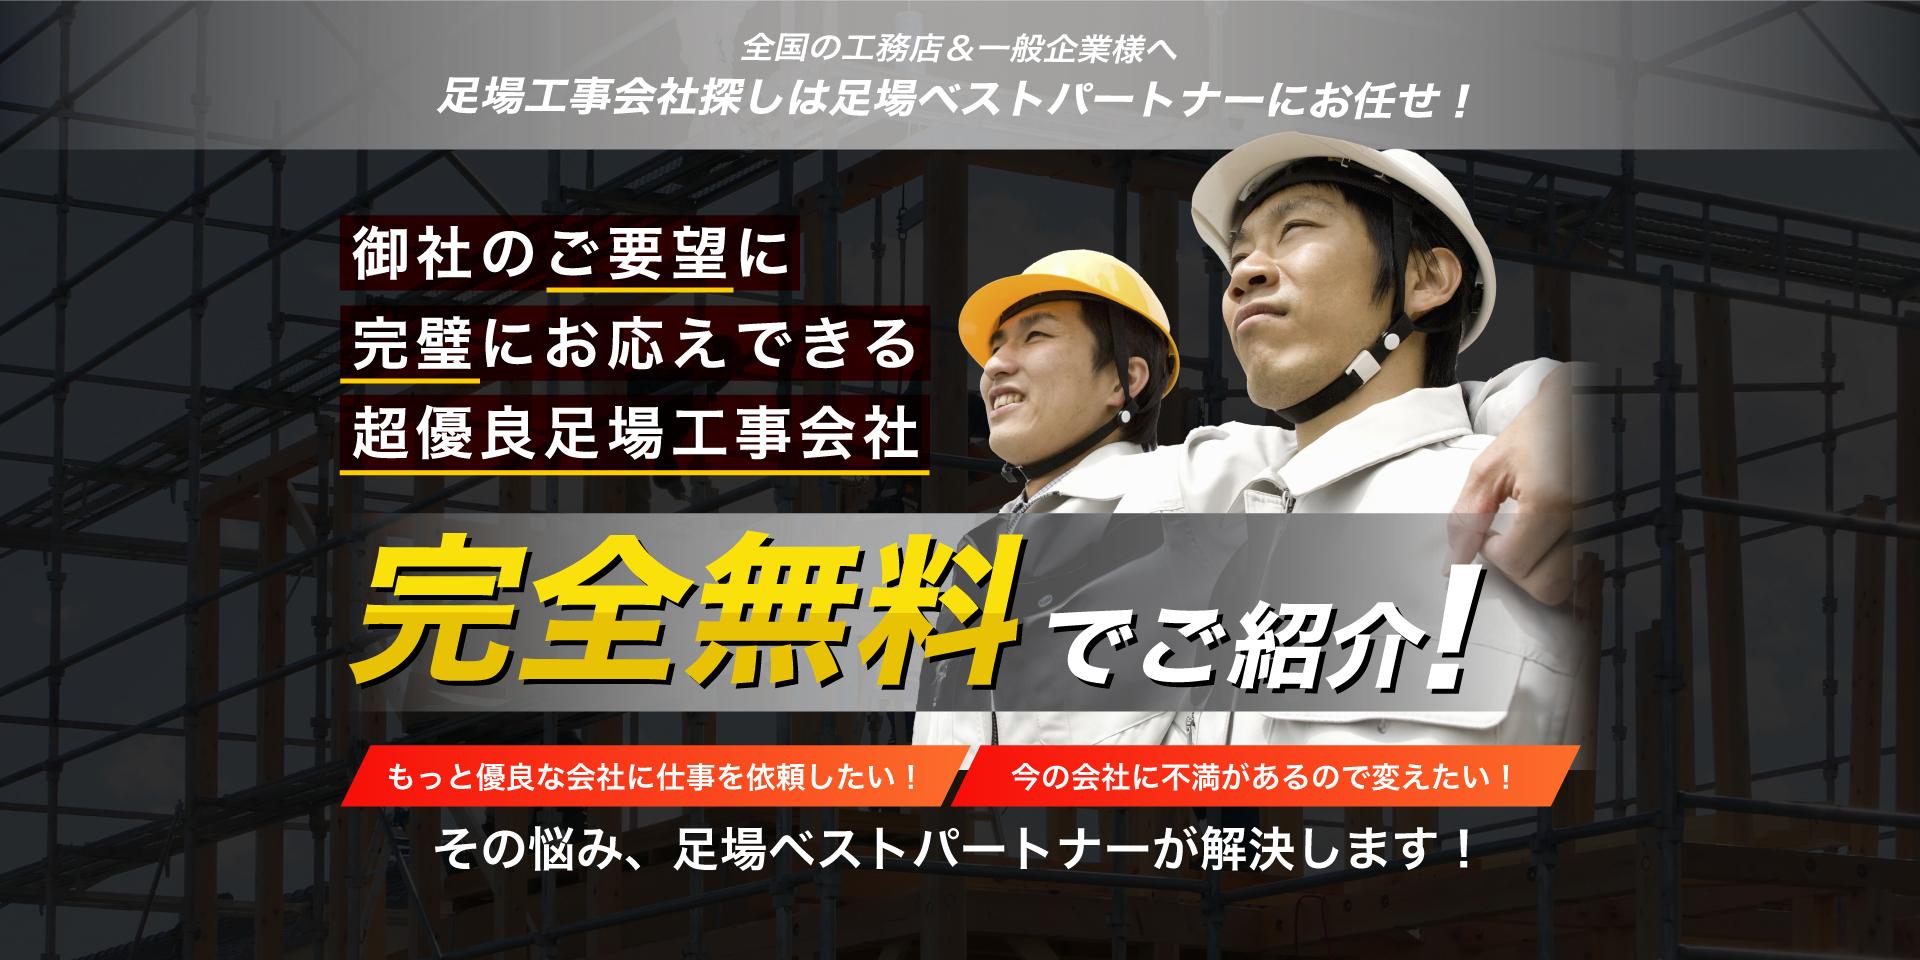 御社のご要望に完璧にお応えできる優良足場工事会社完全無料でご紹介!